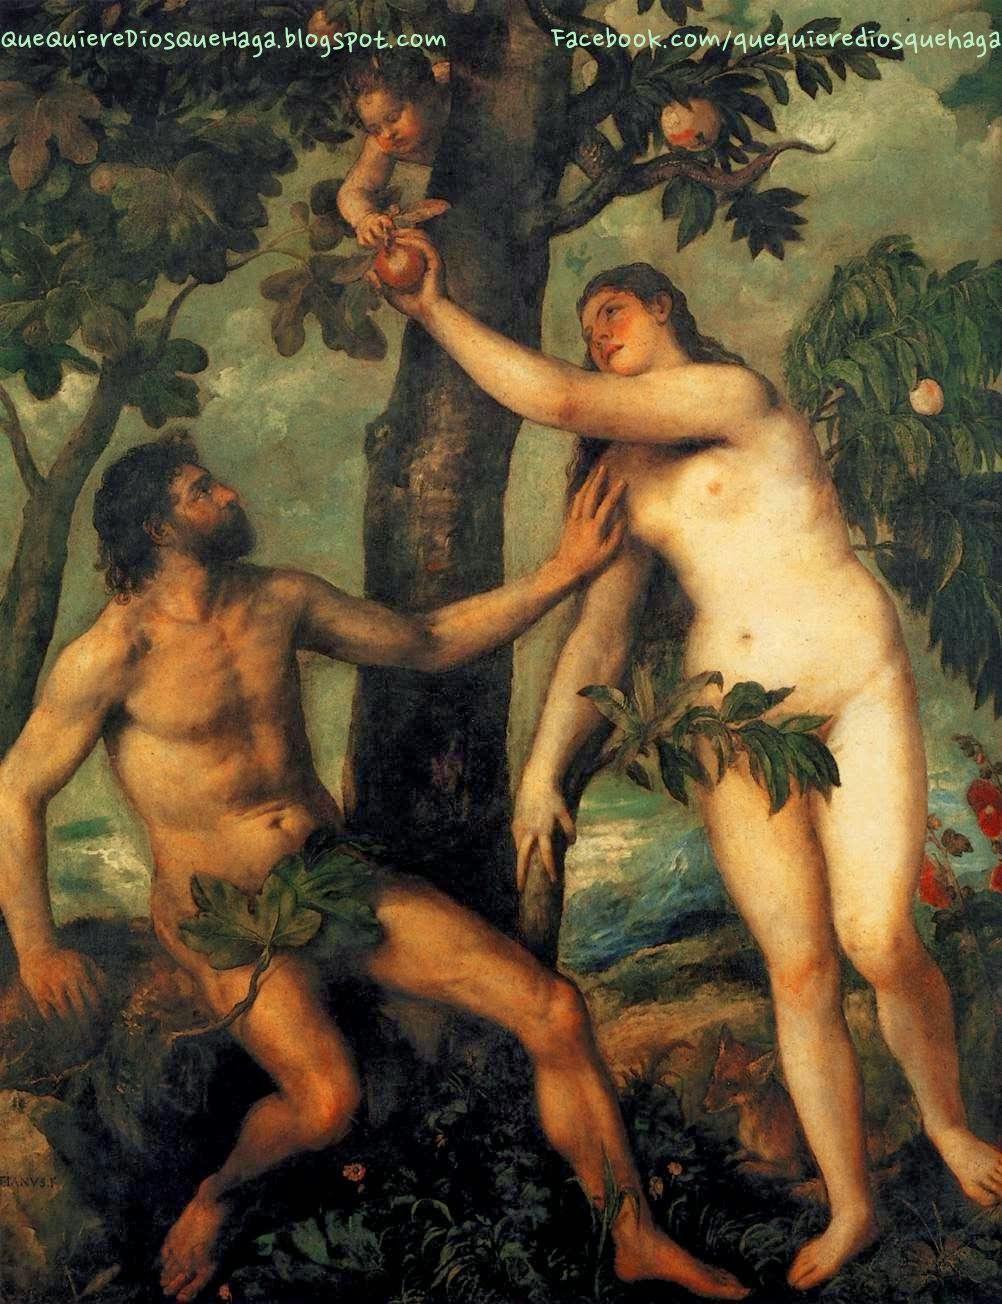 HISTORIA DE LA CREACIÓN DEL MUNDO - ADAN Y EVA EN VIDEO - Genesis - Vida en el paraiso